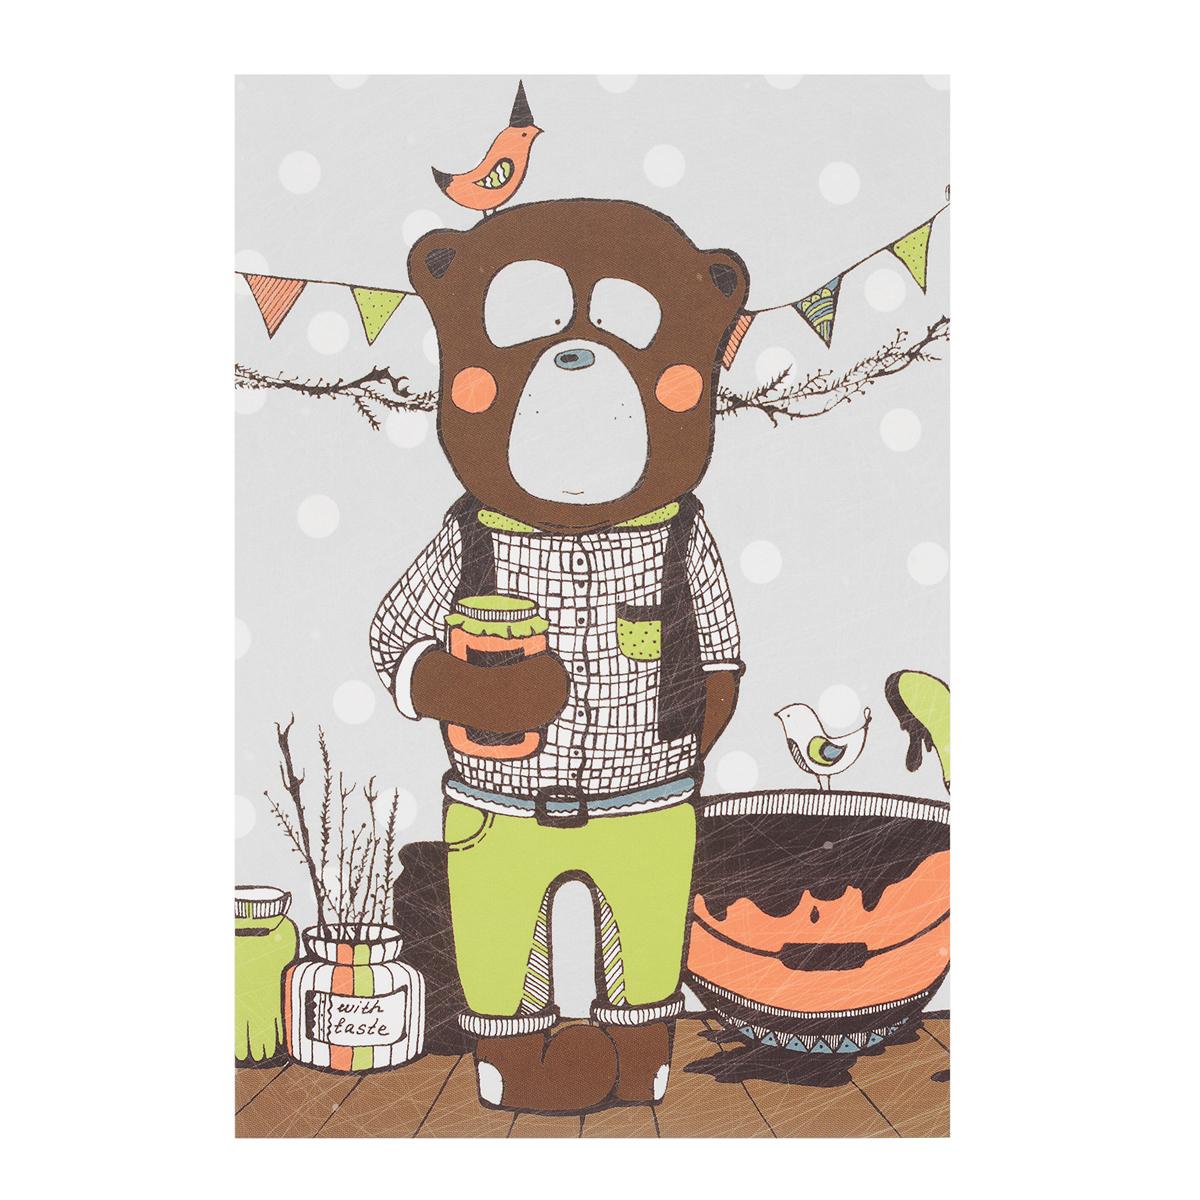 Открытка Вкус варенья. Автор Анастасия МежаковаGbE10-007Оригинальная дизайнерская открытка Вкус варенья выполнена из плотного матового картона. На лицевой стороне расположена репродукция картины художницы Анастасии Межаковой с изображением медведя, занятого приготовлением вкусного варенья.Такая открытка станет великолепным дополнением к подарку или оригинальным почтовым посланием, которое, несомненно, удивит получателя своим дизайном и подарит приятные воспоминания.